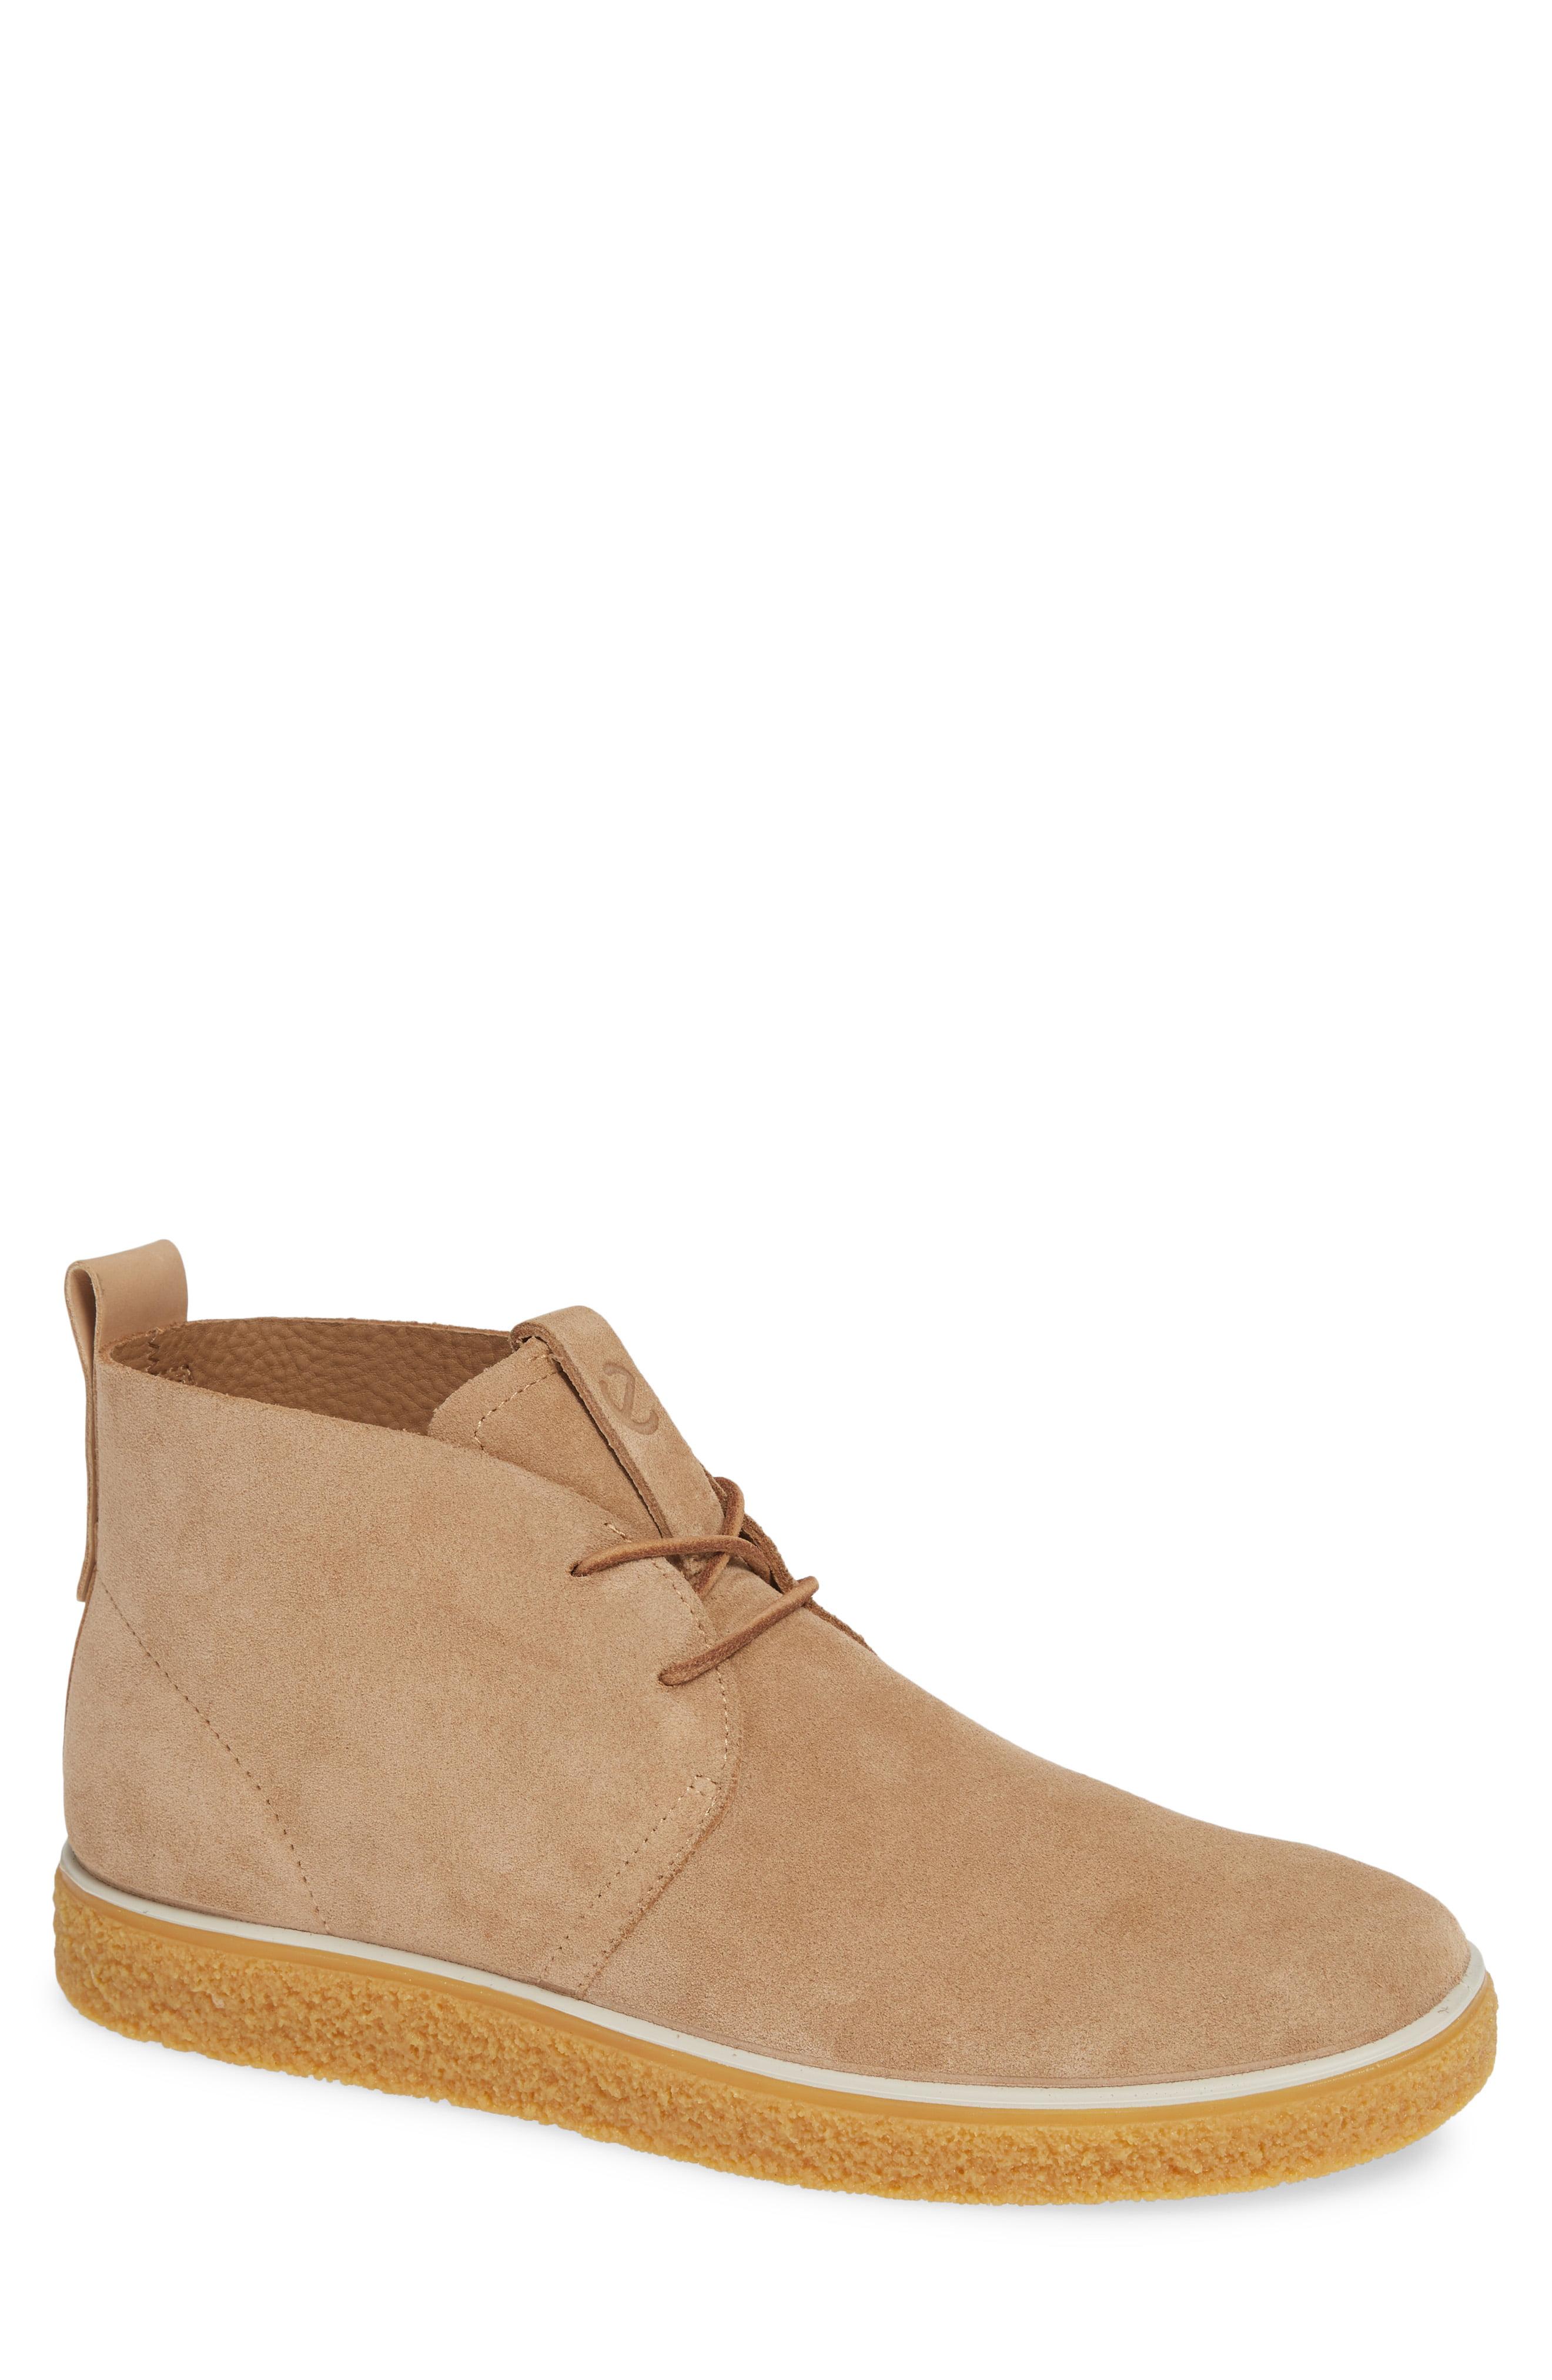 dc01d386e91 Men's Ecco Crepetray Chukka Boot, Size 8-8.5US / 42EU - Brown